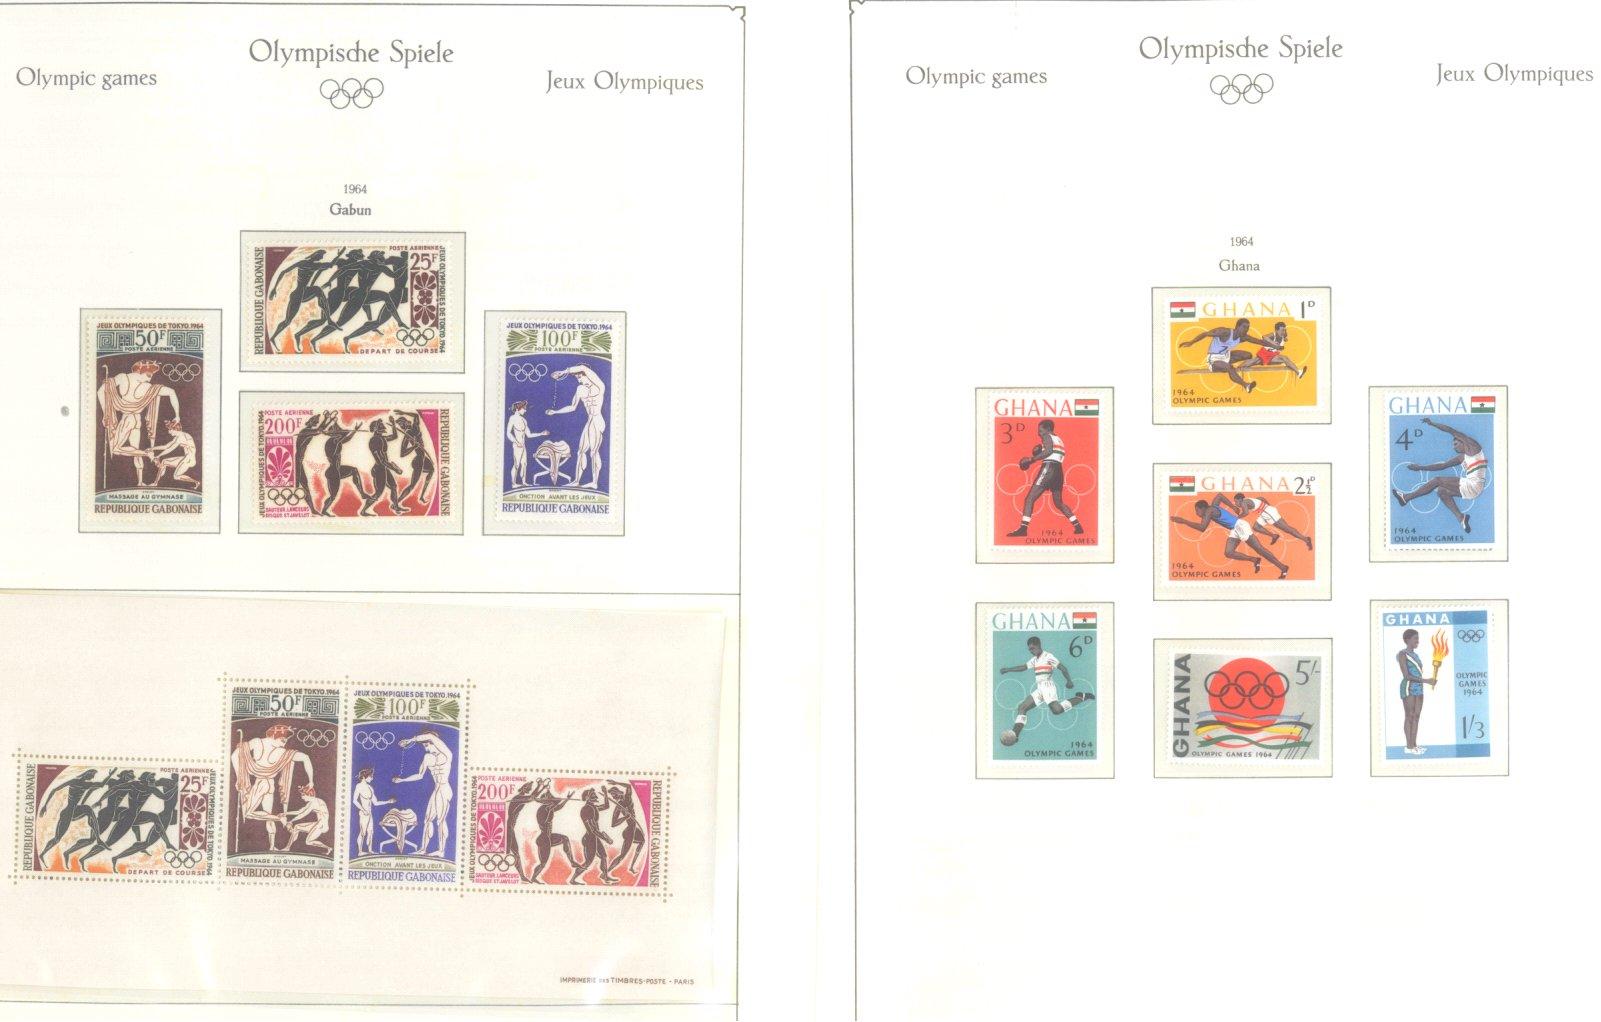 OLYMPISCHE SPIELE 1964 TOKIO, postfrische Sammlung Teil 1-14